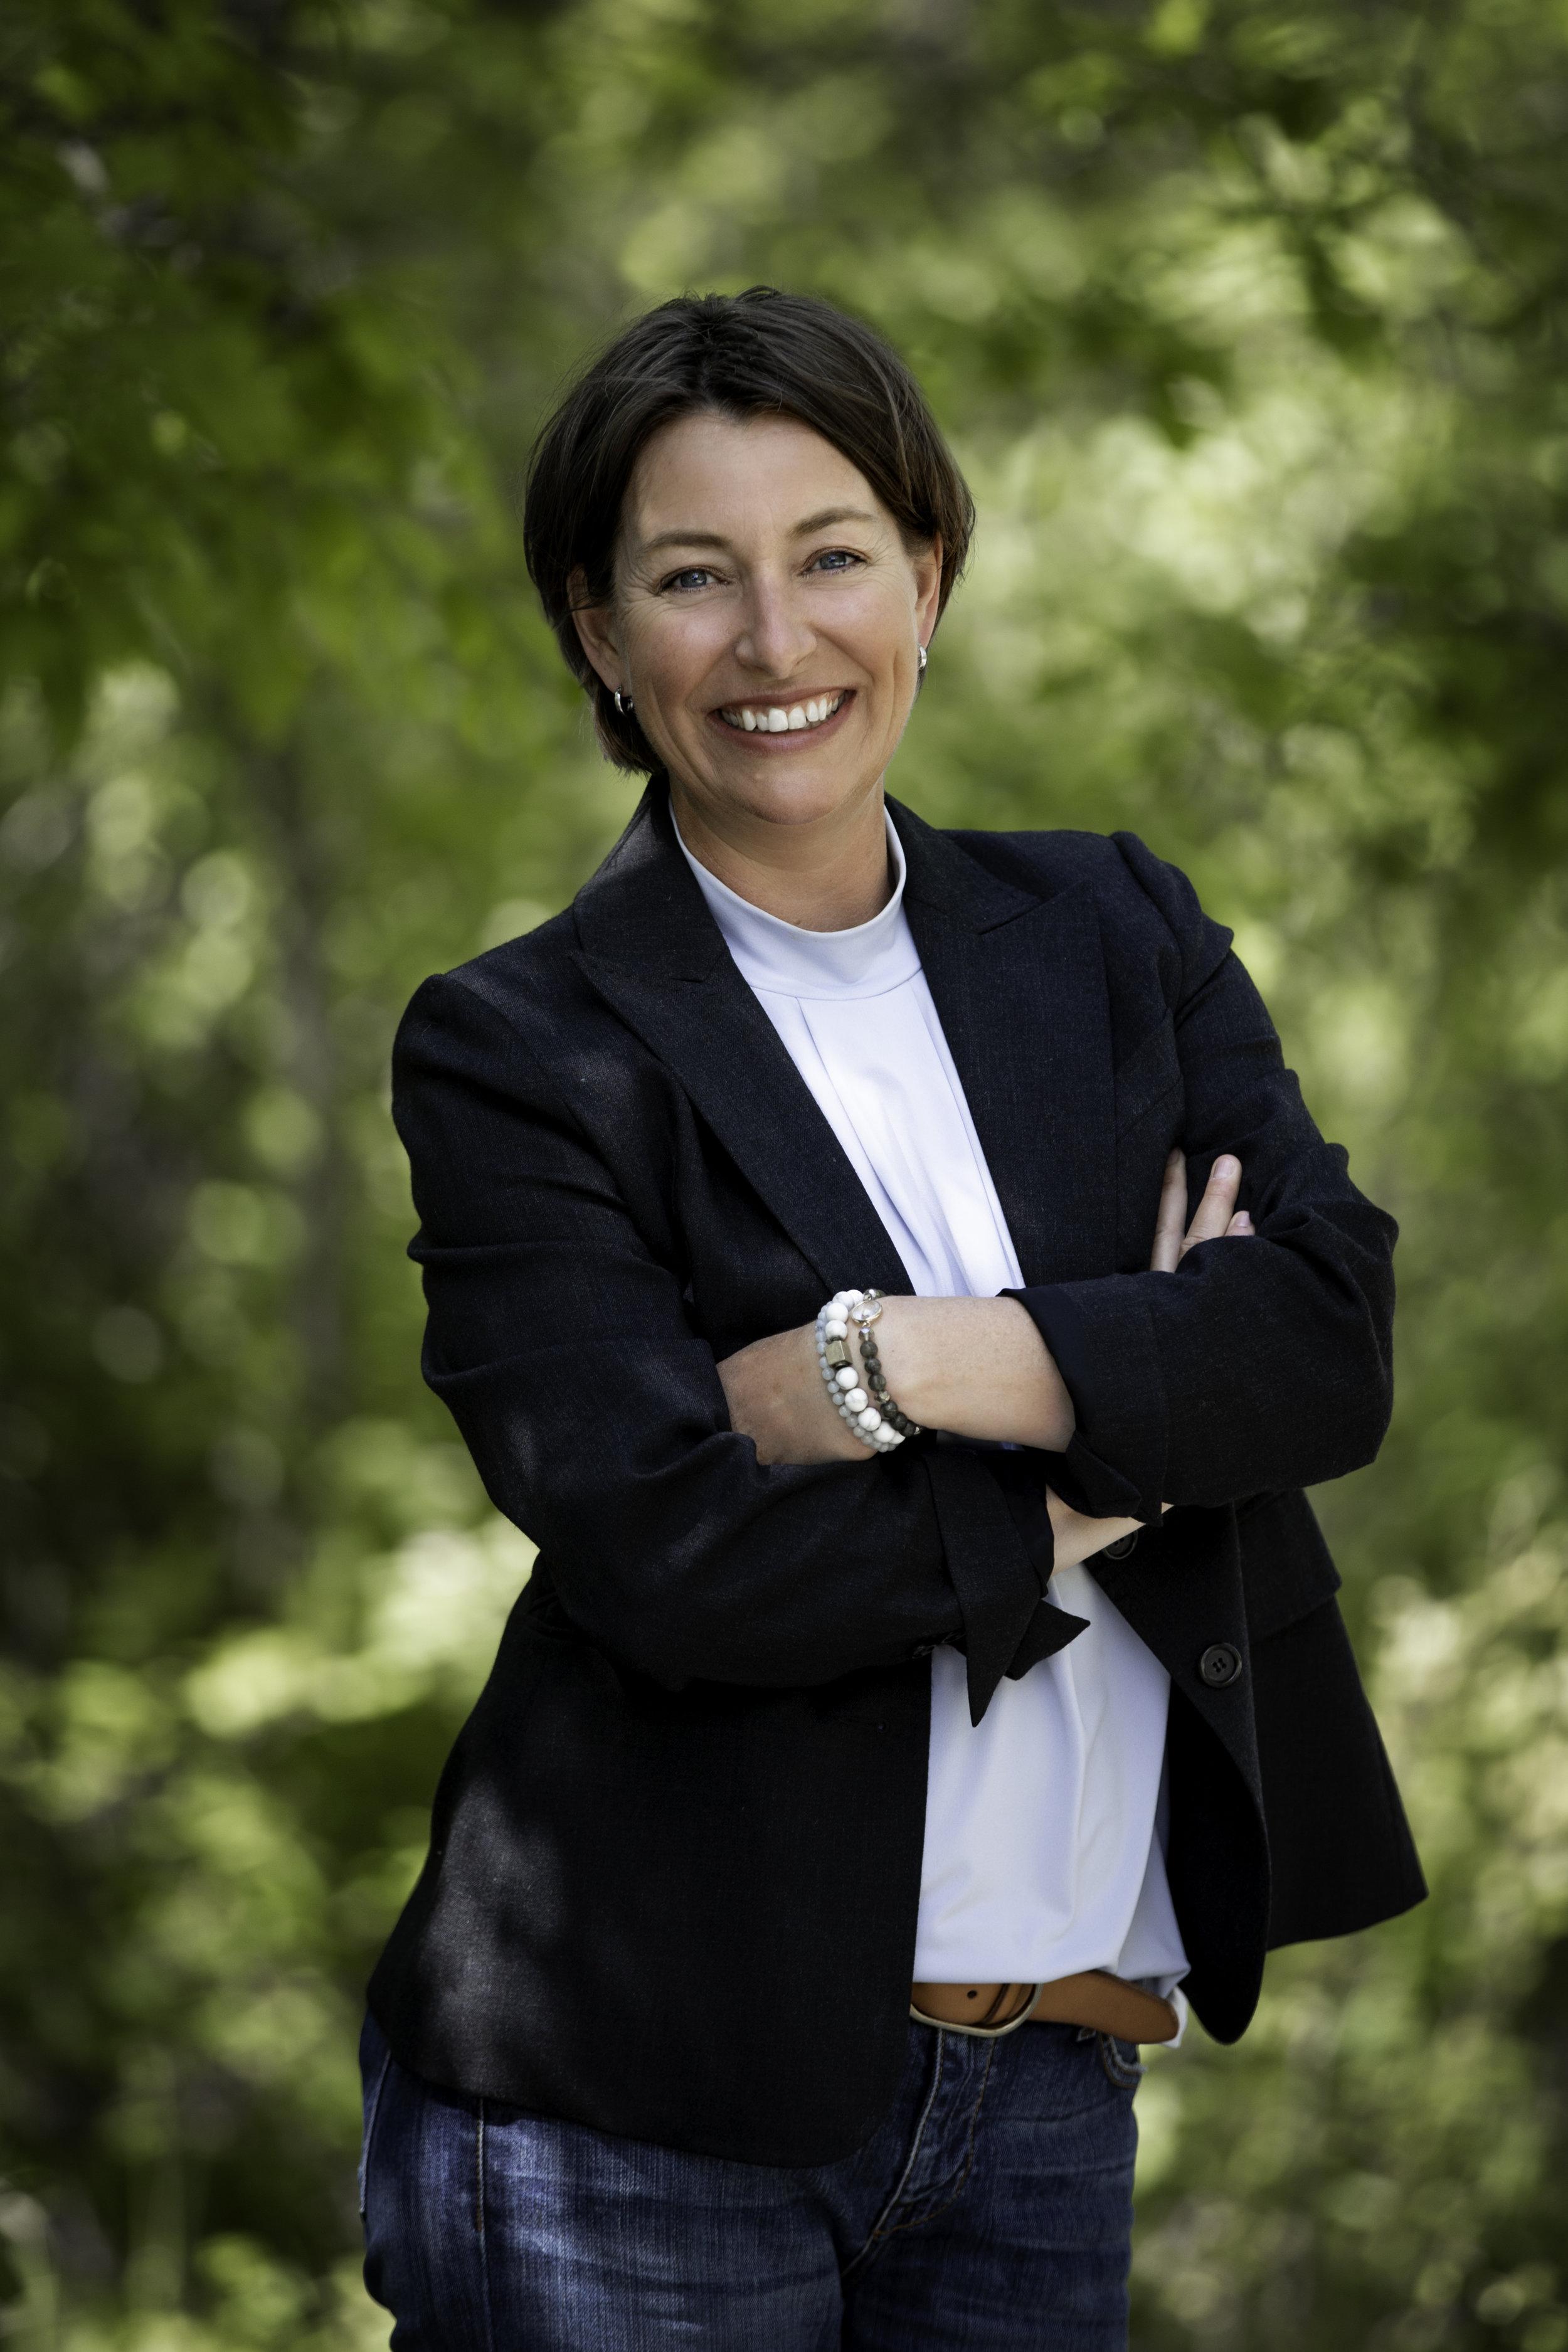 Grain Market Analyst & Conference Founder: Brenda Tjaden